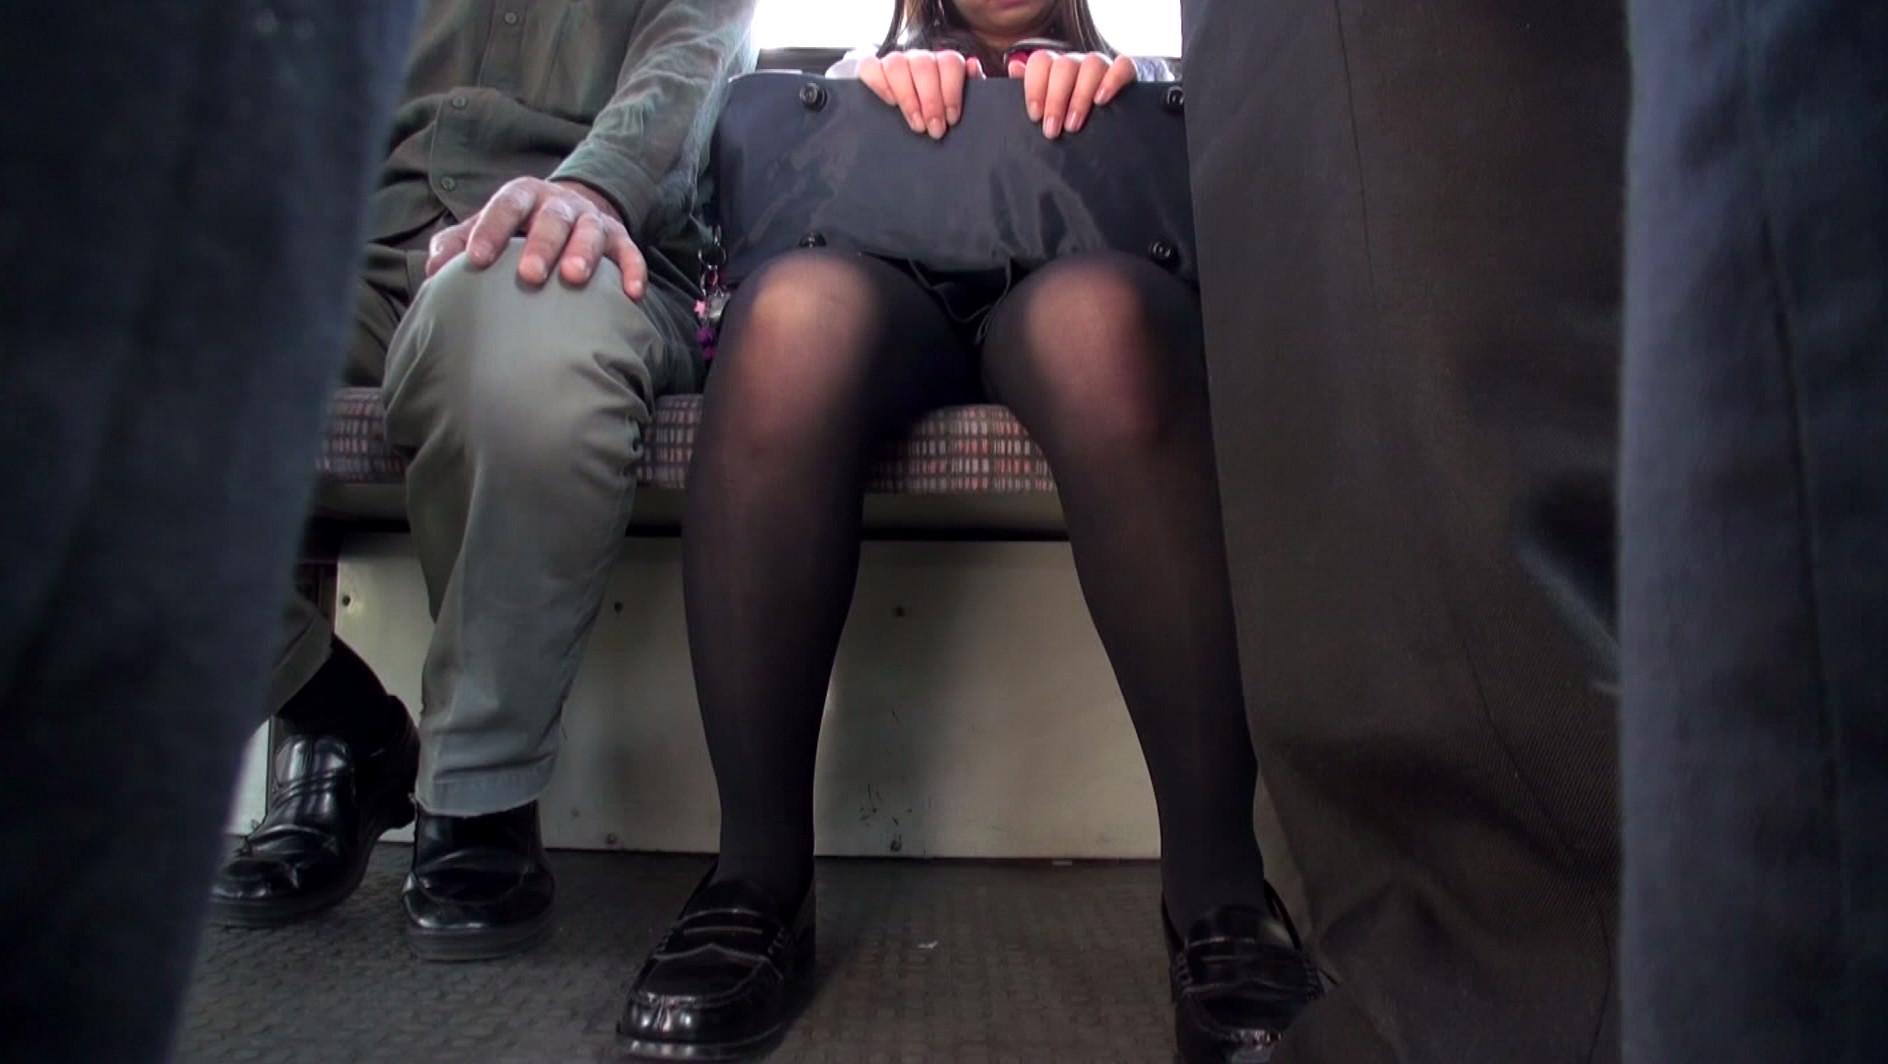 ストッキング女にターゲットを絞り集団バス痴漢!恐怖と快楽の境を失った女は幾度もイキまくり、ただの肉便器と化す! 画像2